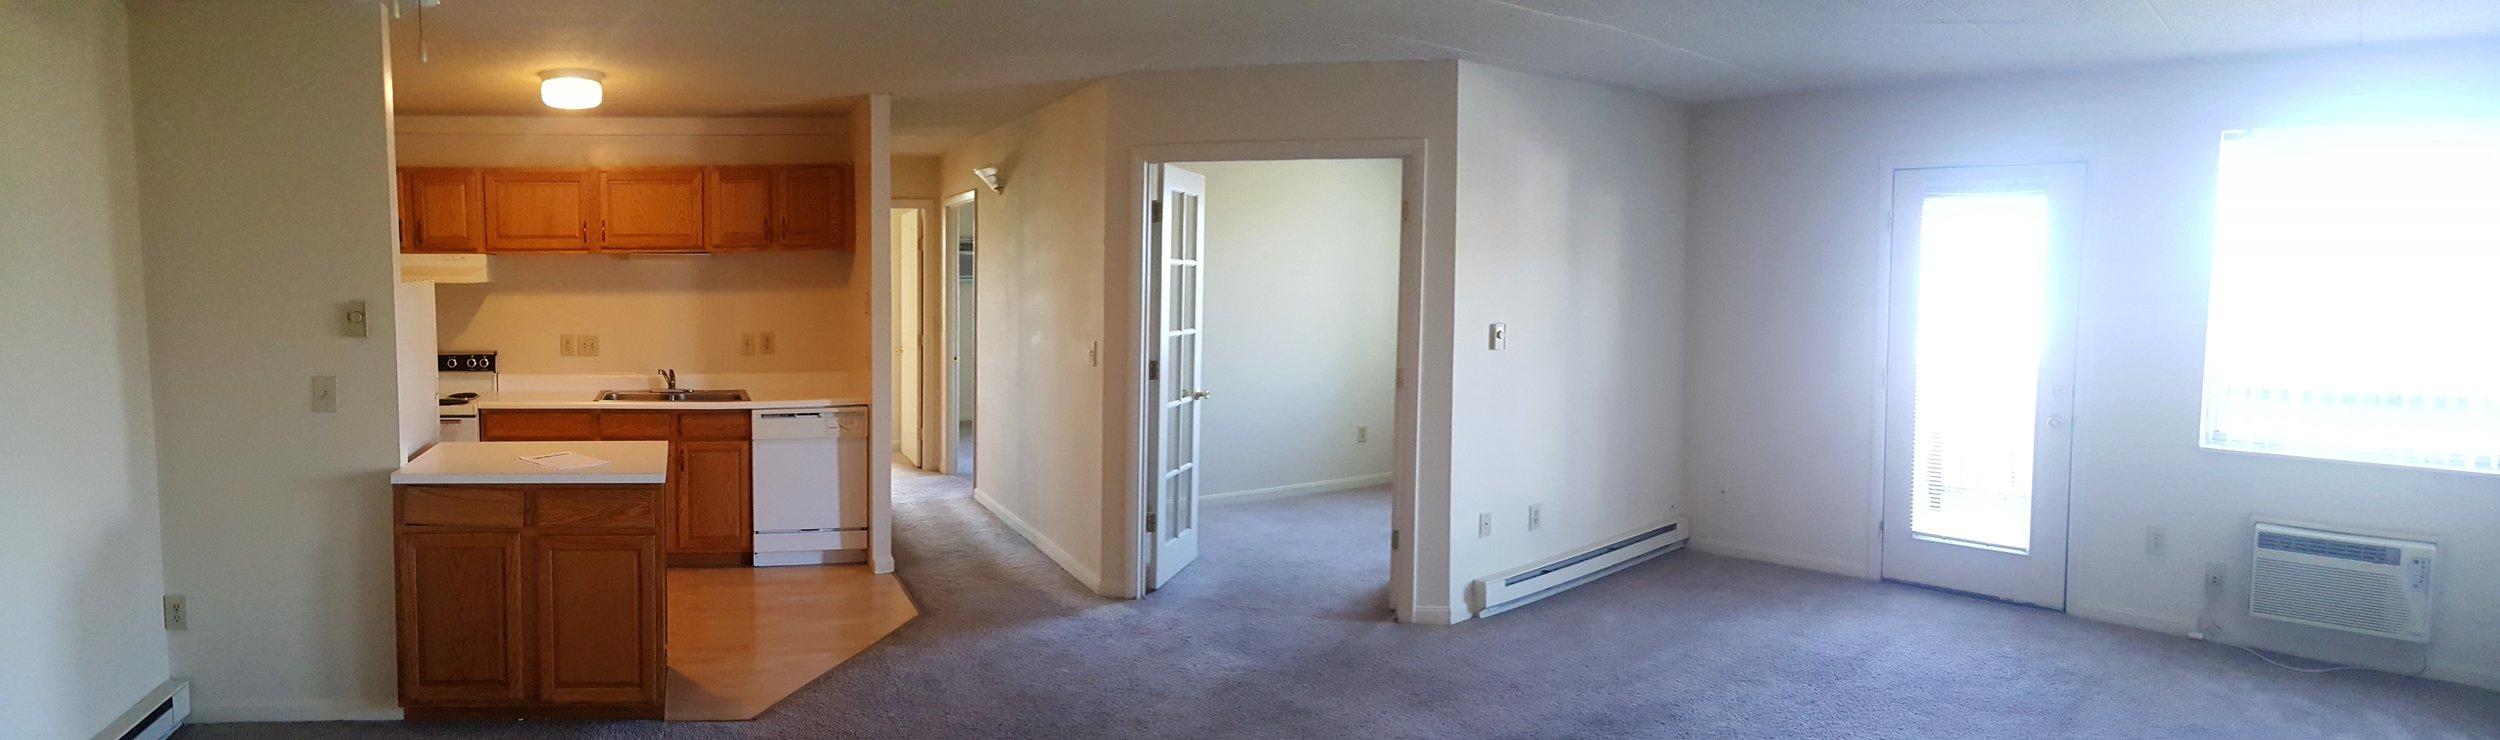 tv livingroom.jpg